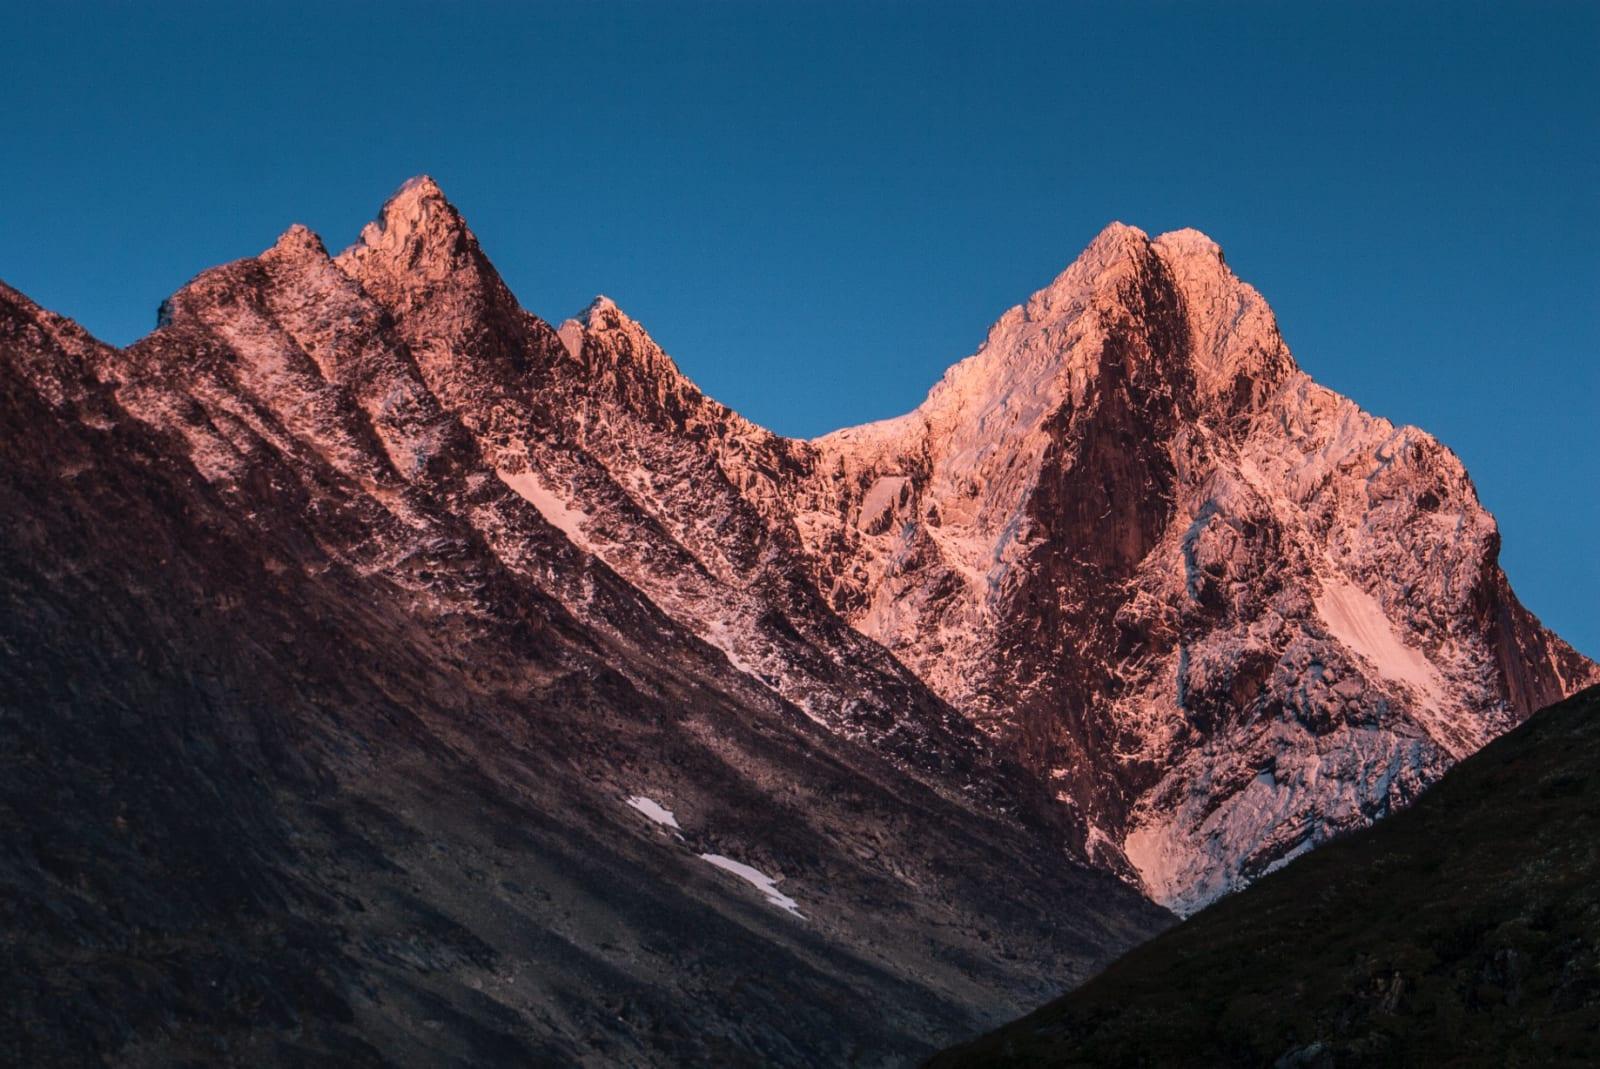 MIDTRE, VESLE OG STORE: Den majestetiske tinderekken ligger badet i kveldens siste solstråler.